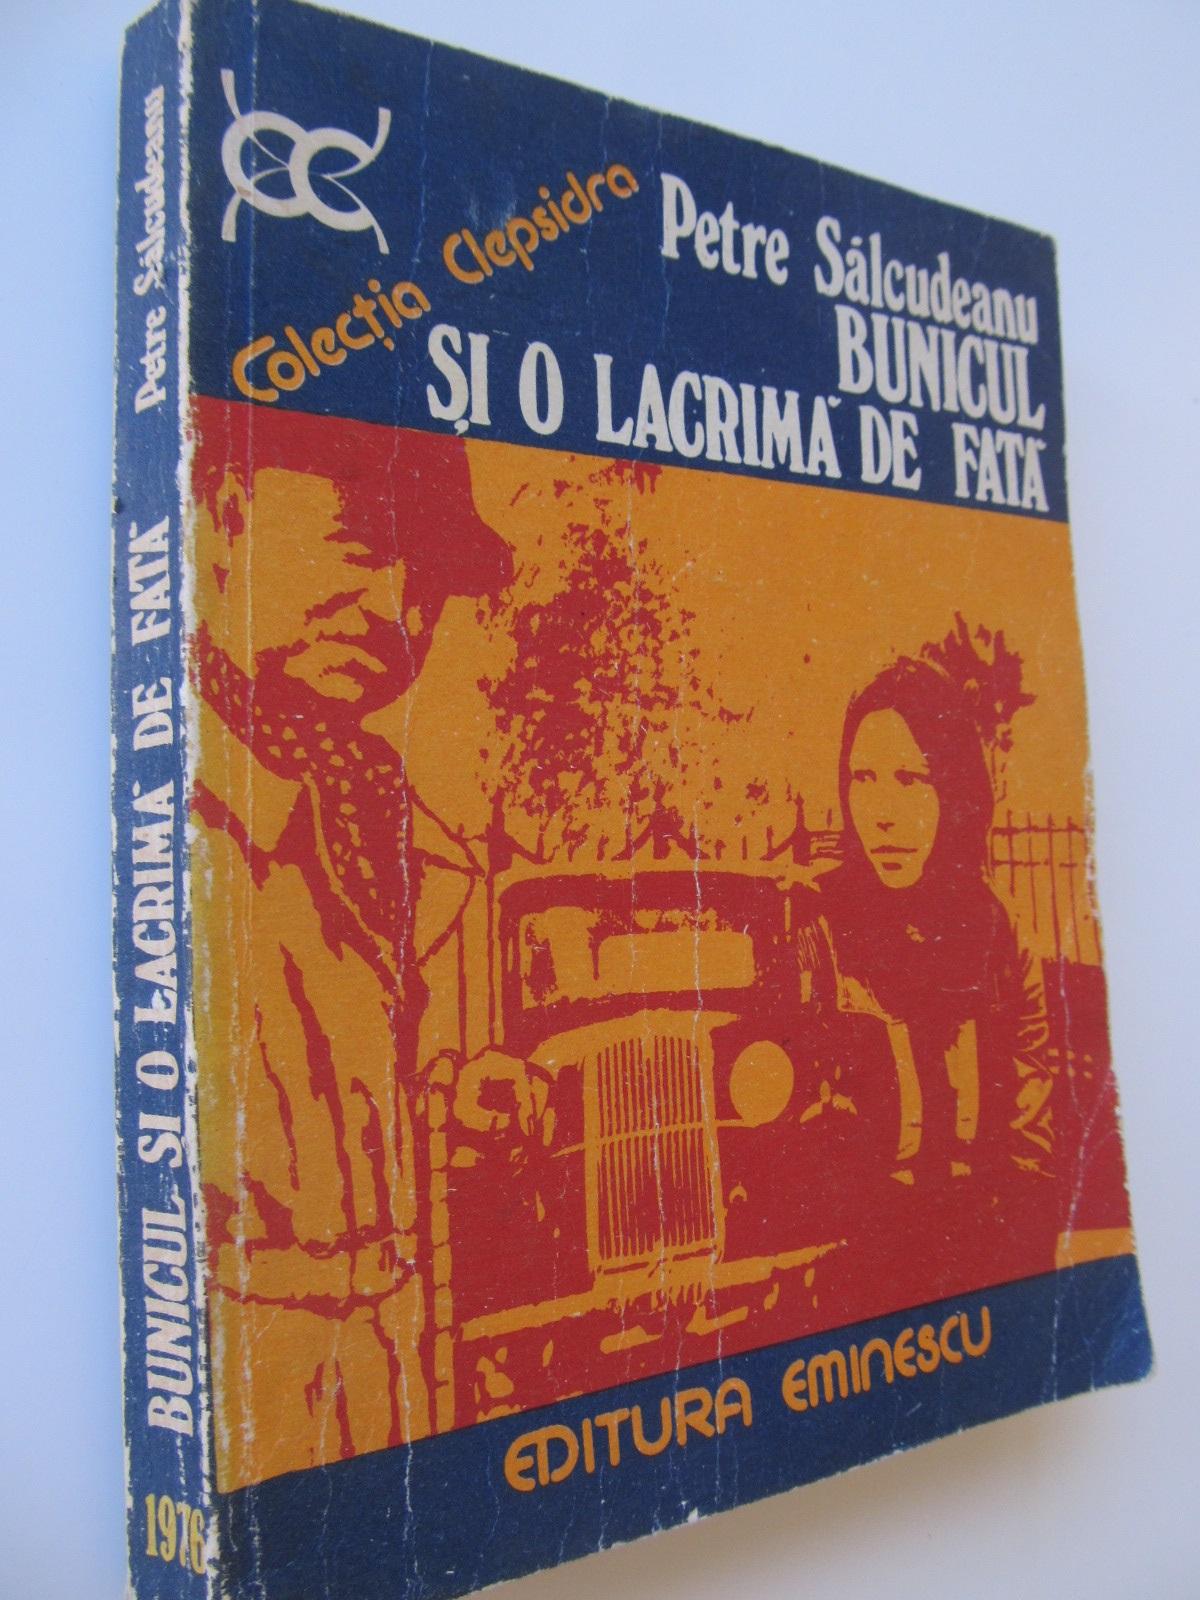 Bunicul si o lacrima de fata - Petre Salcudeanu | Detalii carte